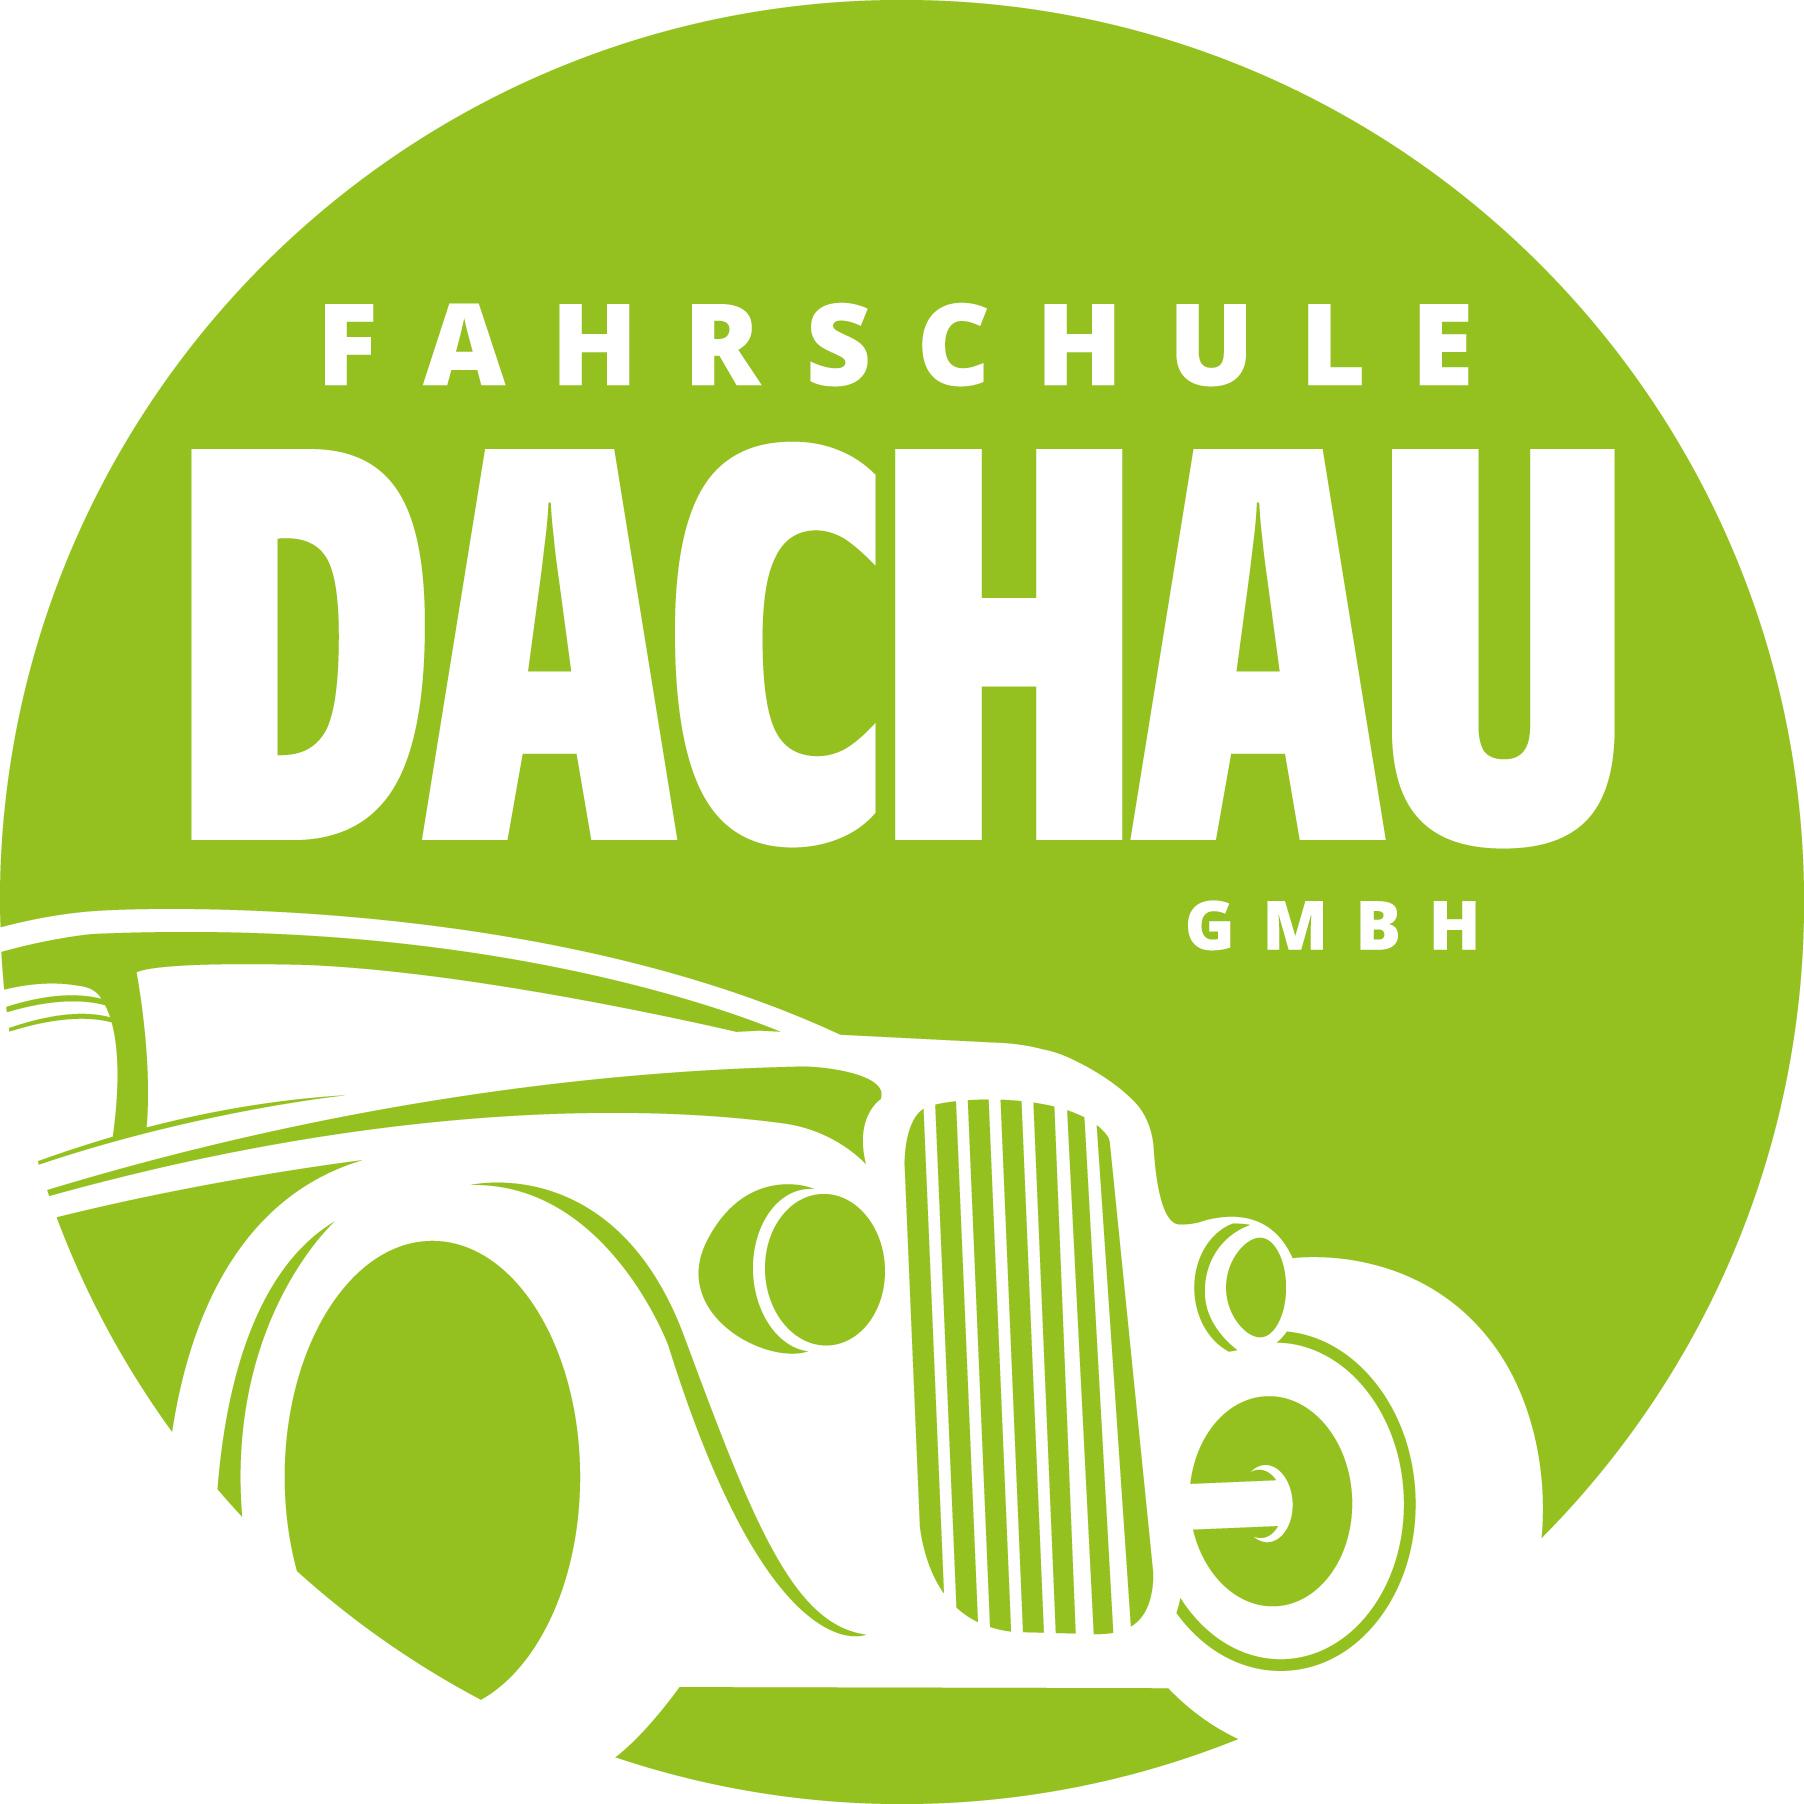 Fahrschule Dachau GmbH